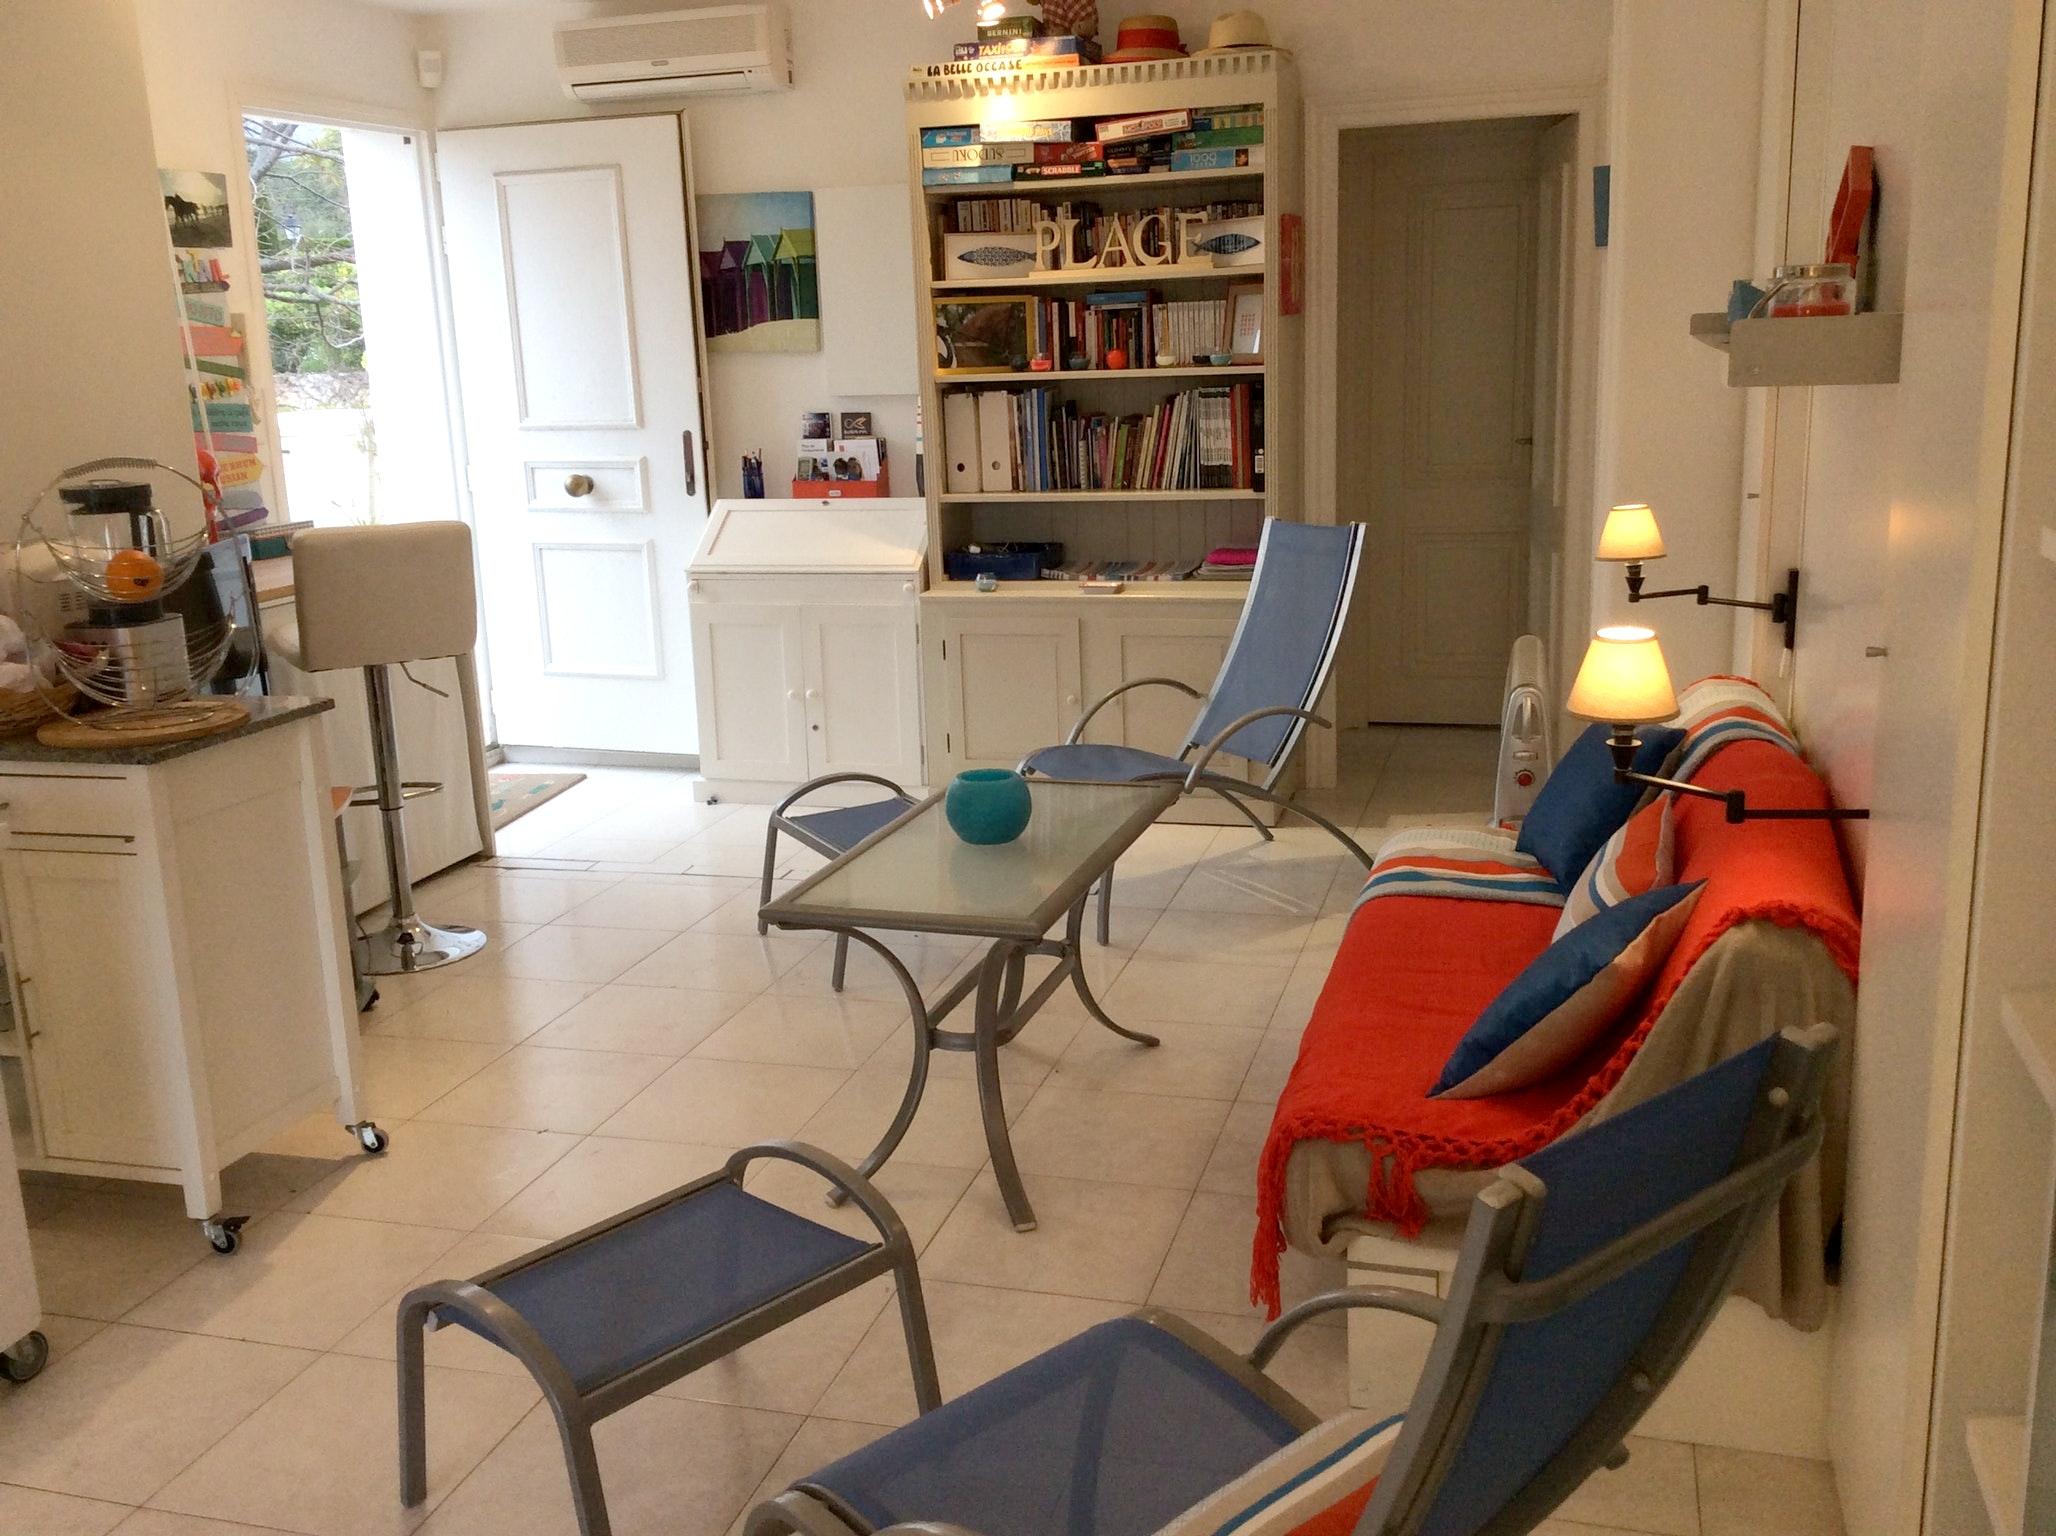 Appartement de vacances Wohnung mit einem Schlafzimmer in Carqueiranne mit Pool, eingezäuntem Garten und W-LAN - 7 (2231381), Carqueiranne, Côte d'Azur, Provence - Alpes - Côte d'Azur, France, image 9